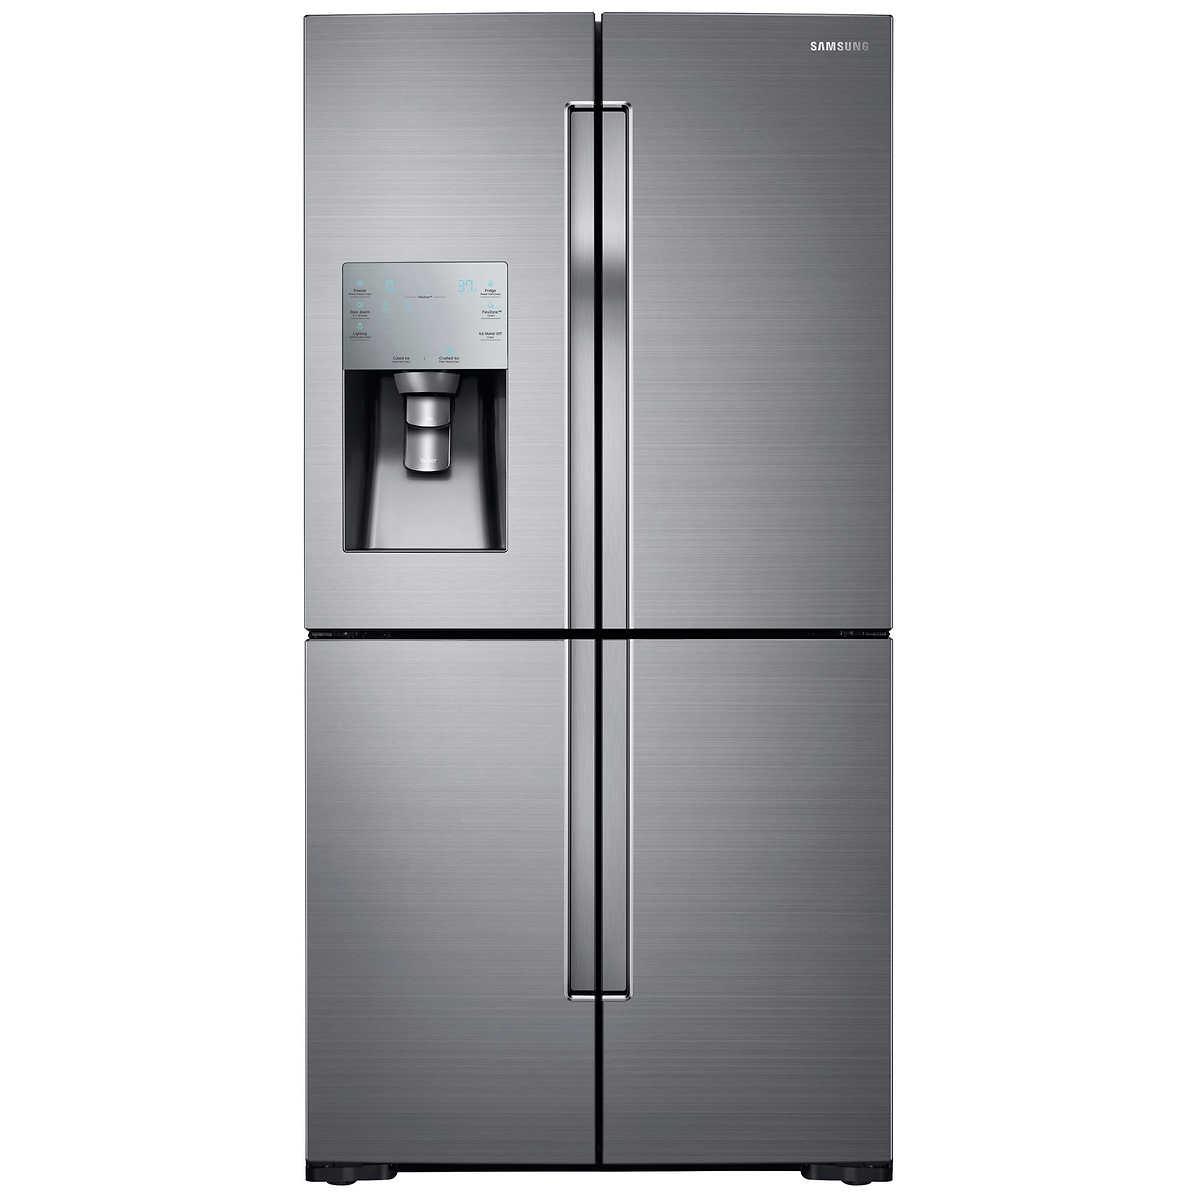 Stainless Steel Refridgerators Samsung 28cuft 4 Door French Door Refrigerator With Flexzone In